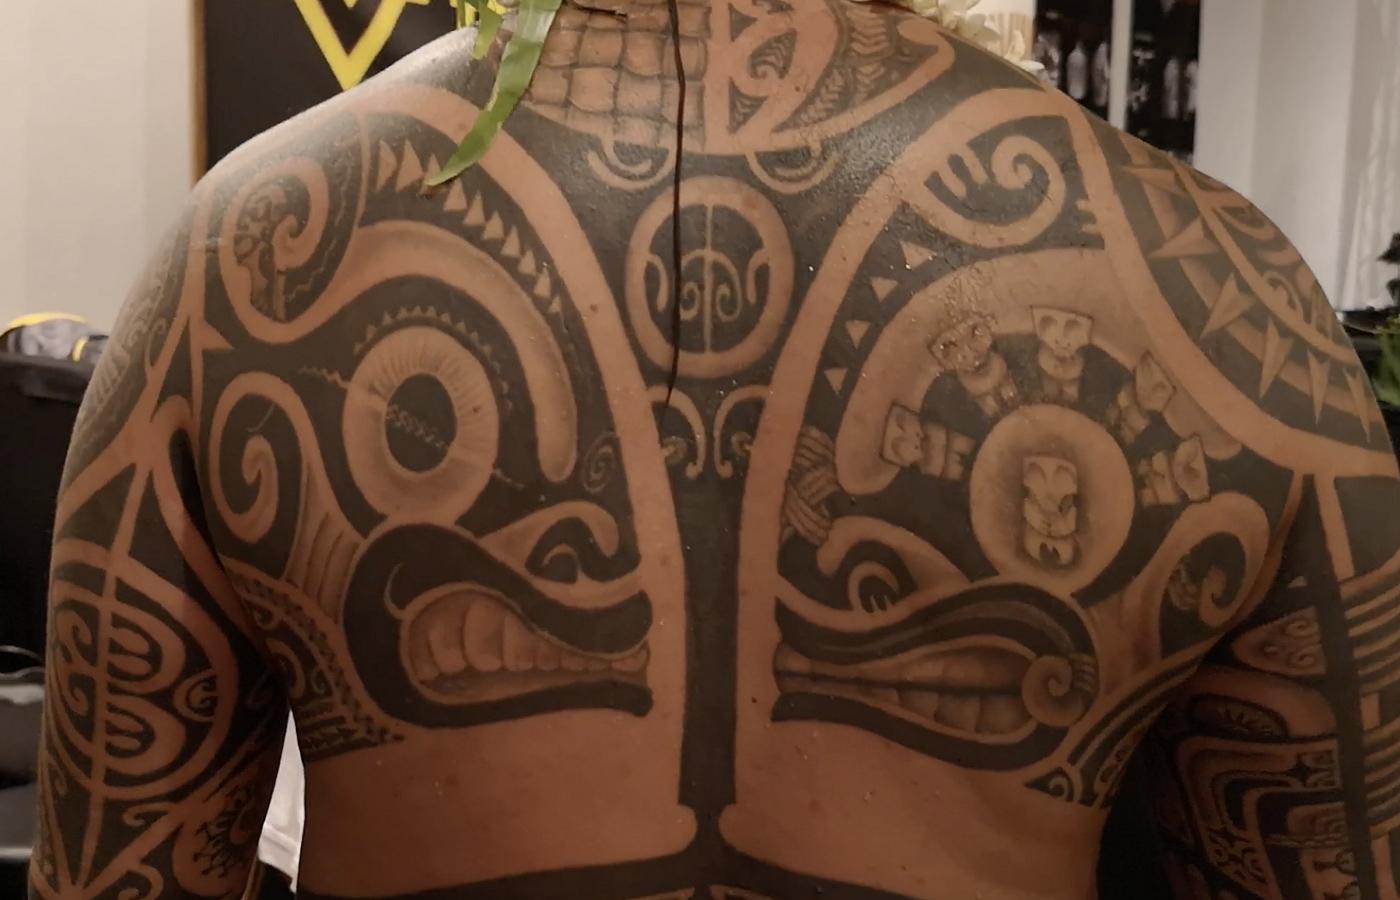 Différents styles de tatouages sont représentés pour cette convention.